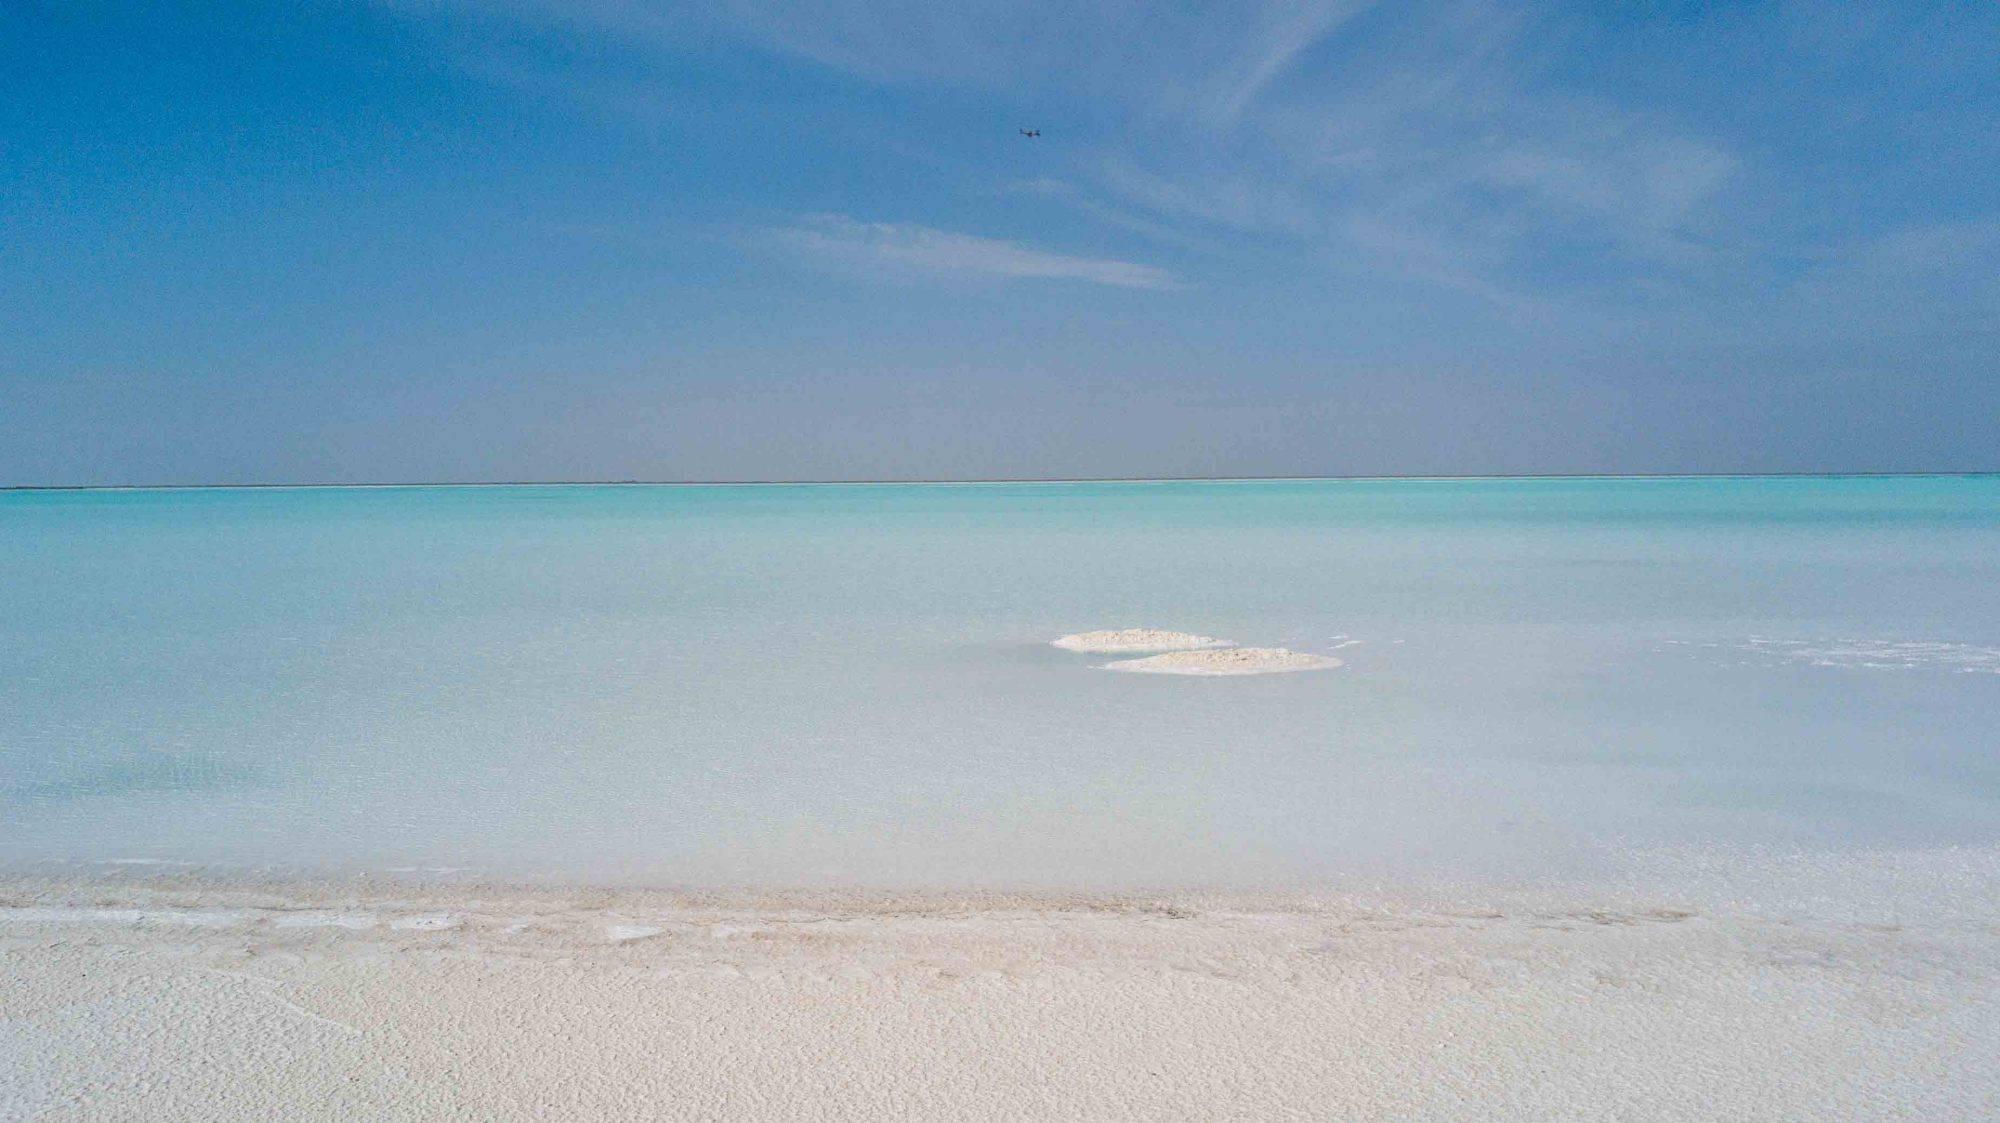 青海有个超神奇的湖泊,是荒漠中的盐湖,宛若仙境般的存在!